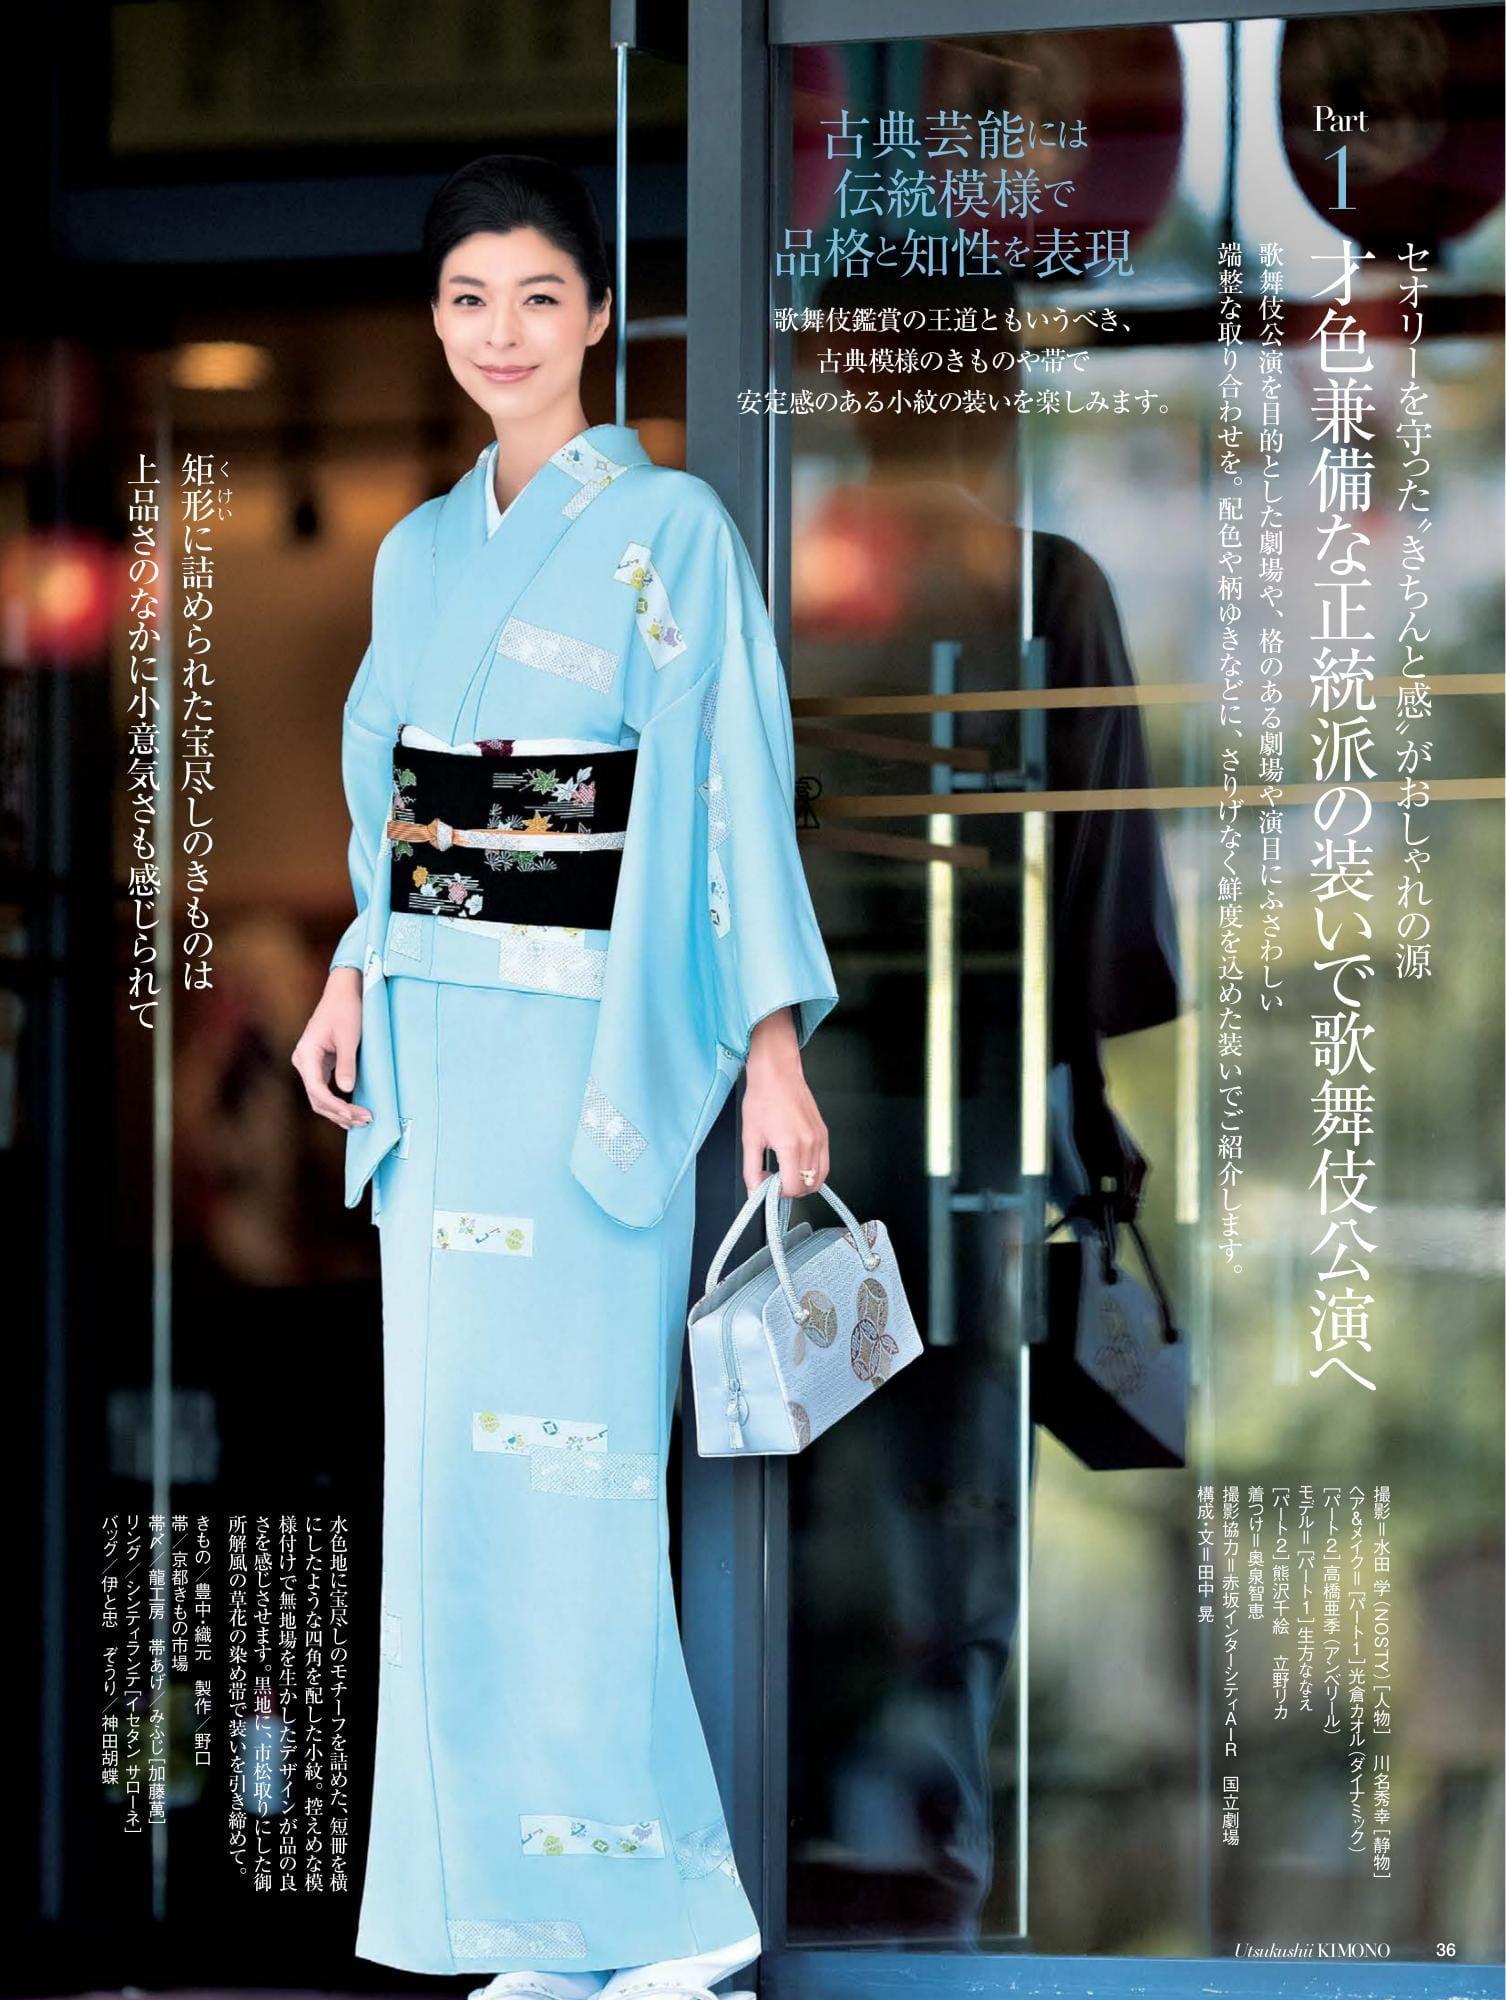 小紋 美しいキモノ2018春 着物スタイル ファッションアイデア 着物